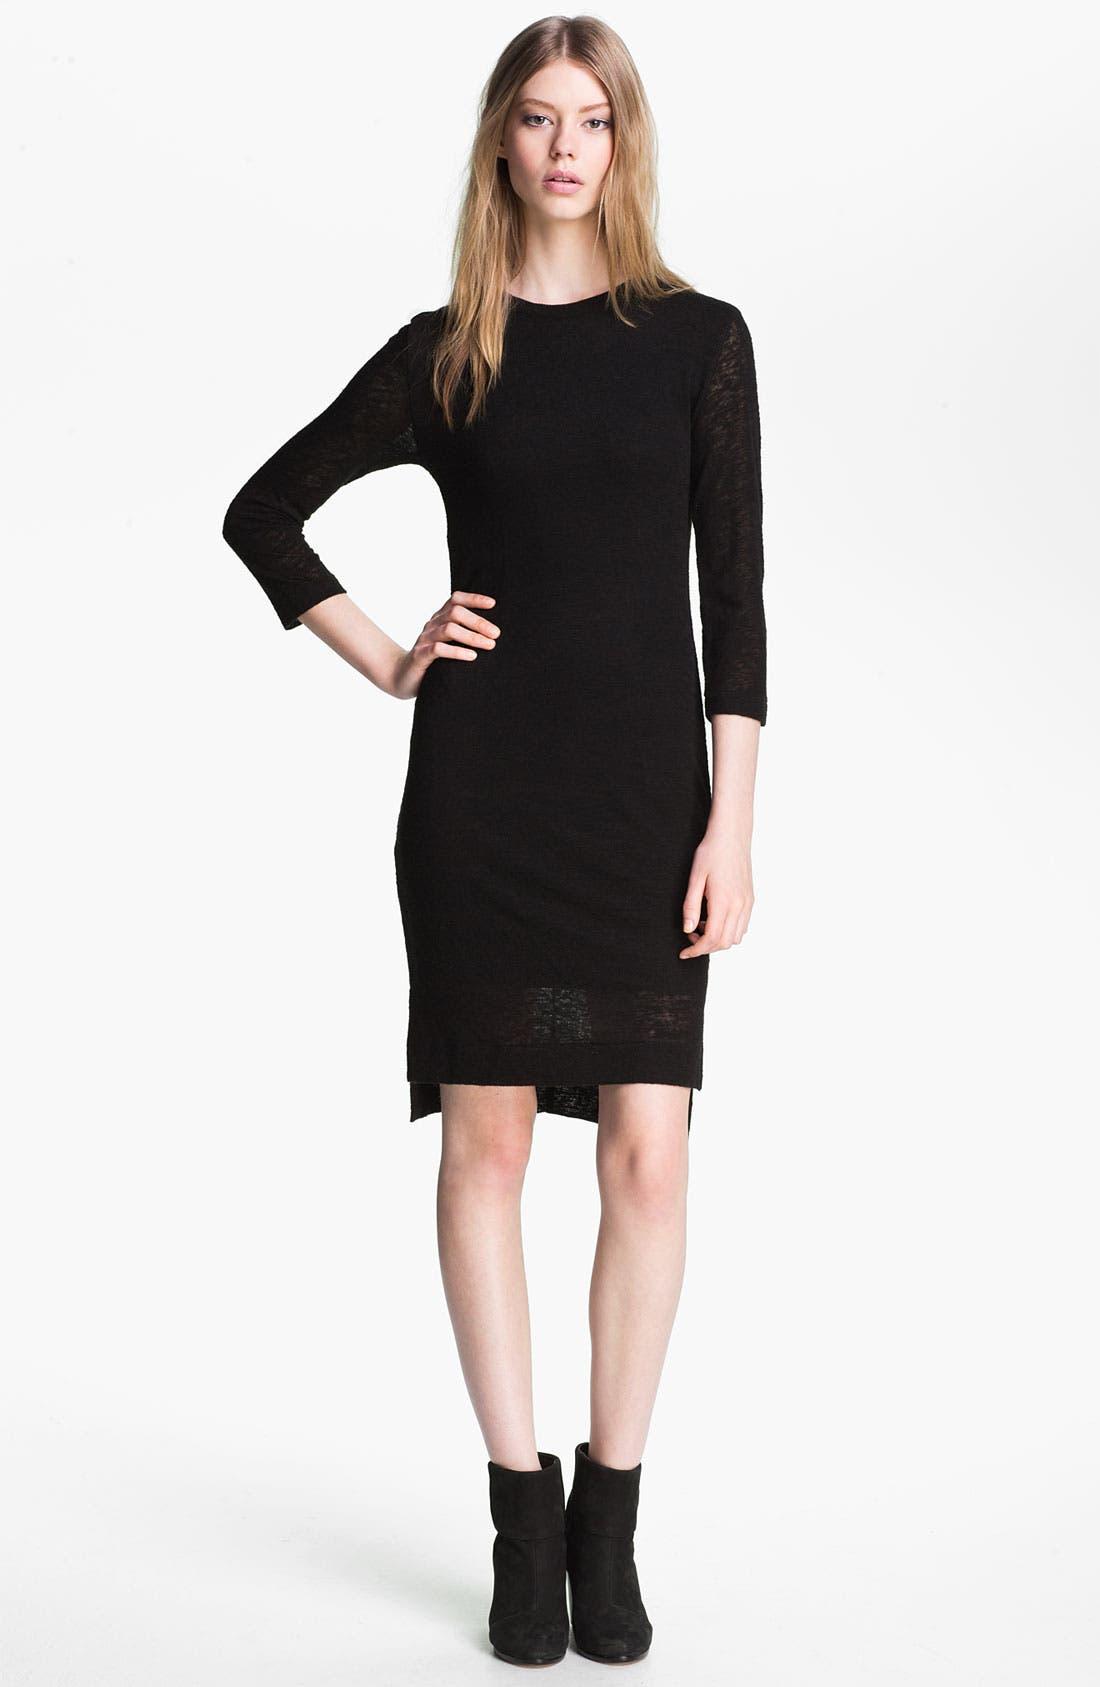 Main Image - rag & bone 'Karlie' Dress